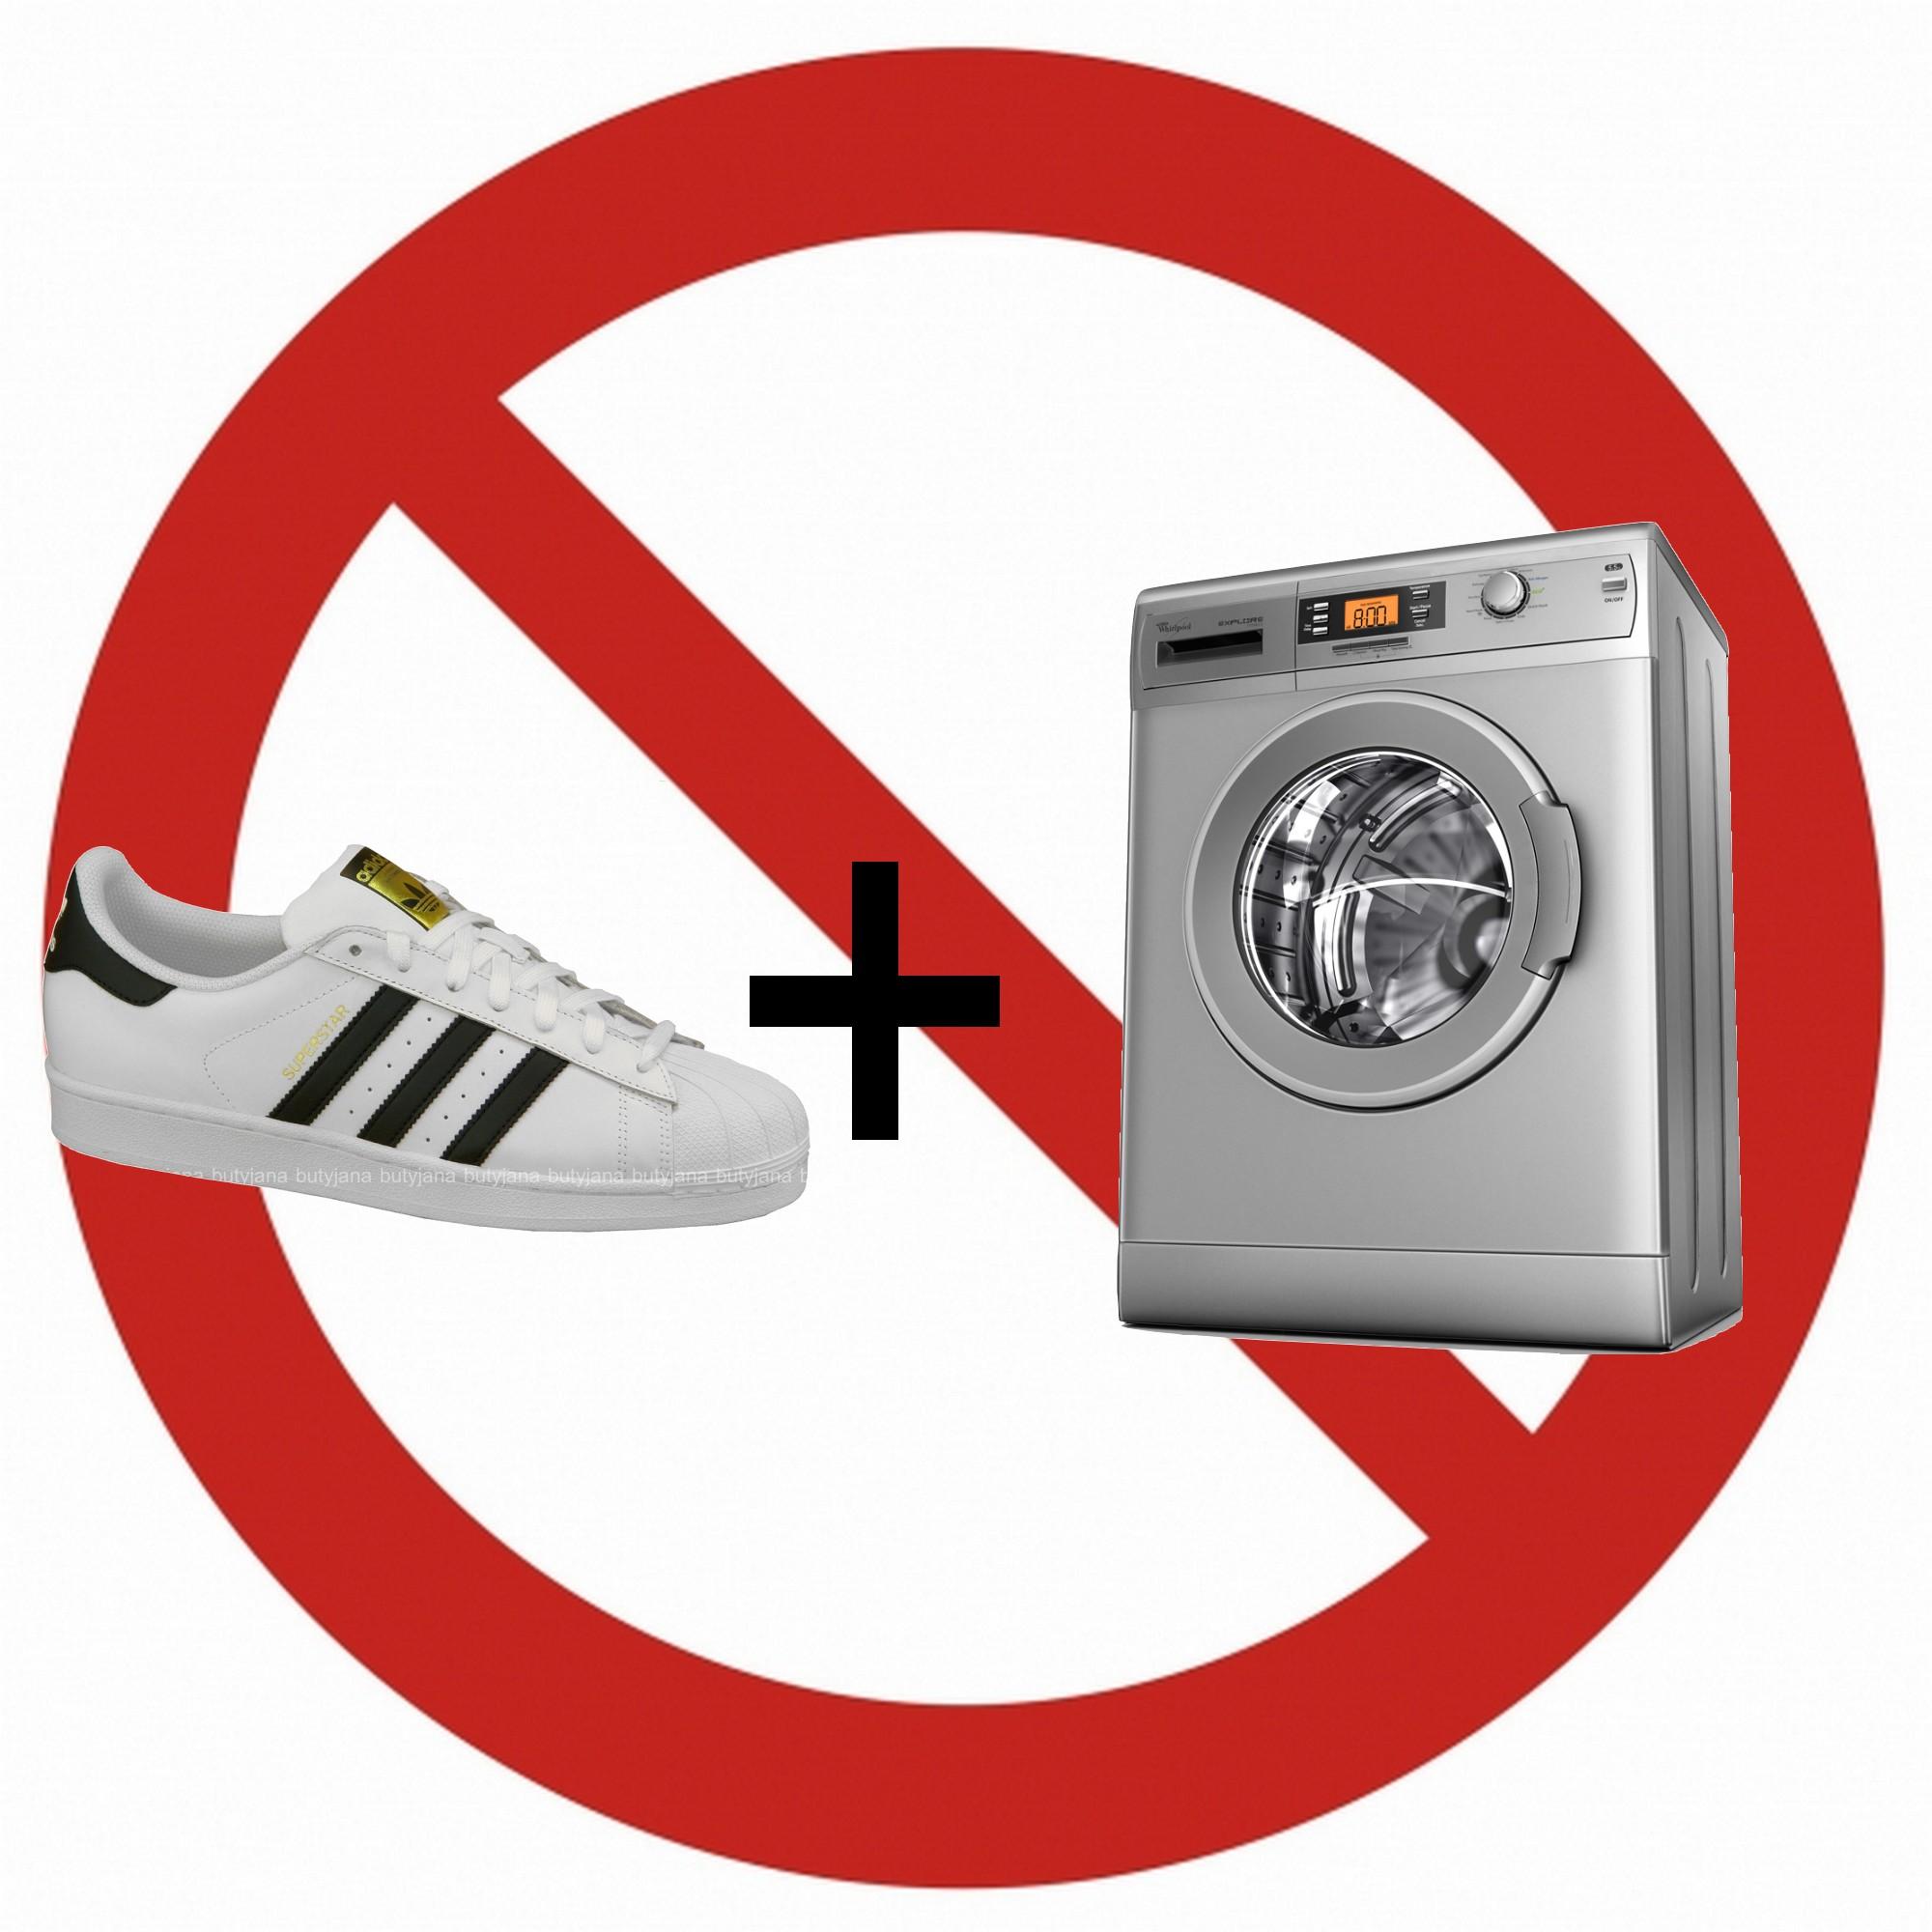 jak-prac-adidas-superstar-w-pralce-czy-mozna